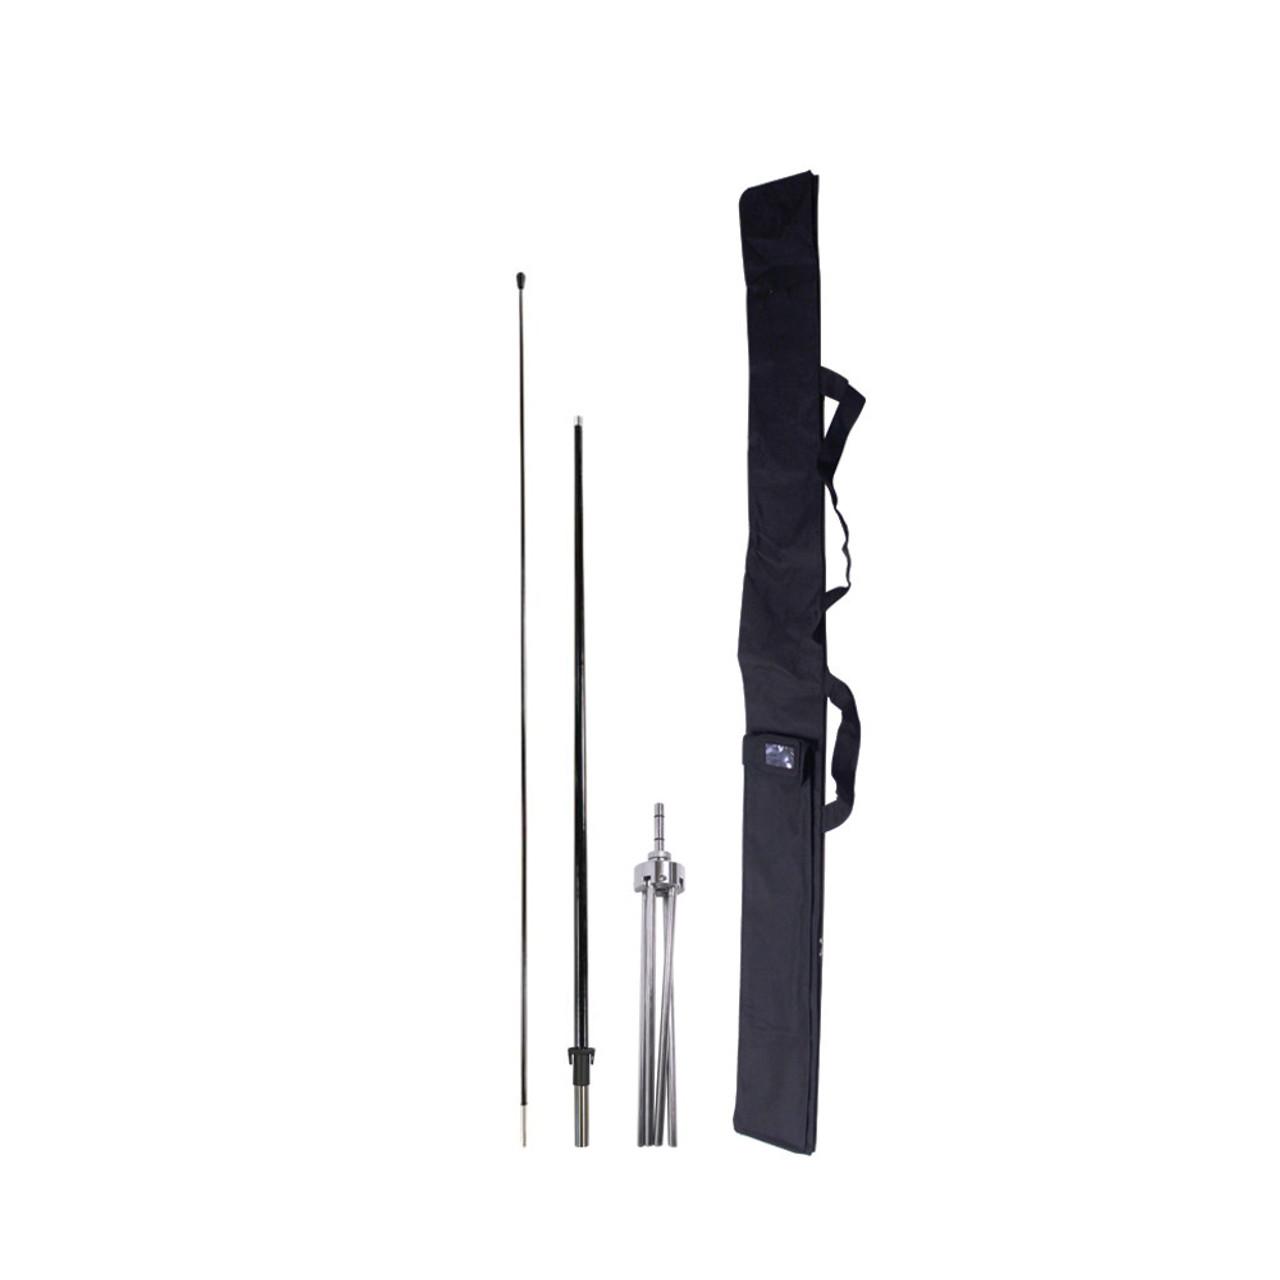 7 ft x base pole and bag